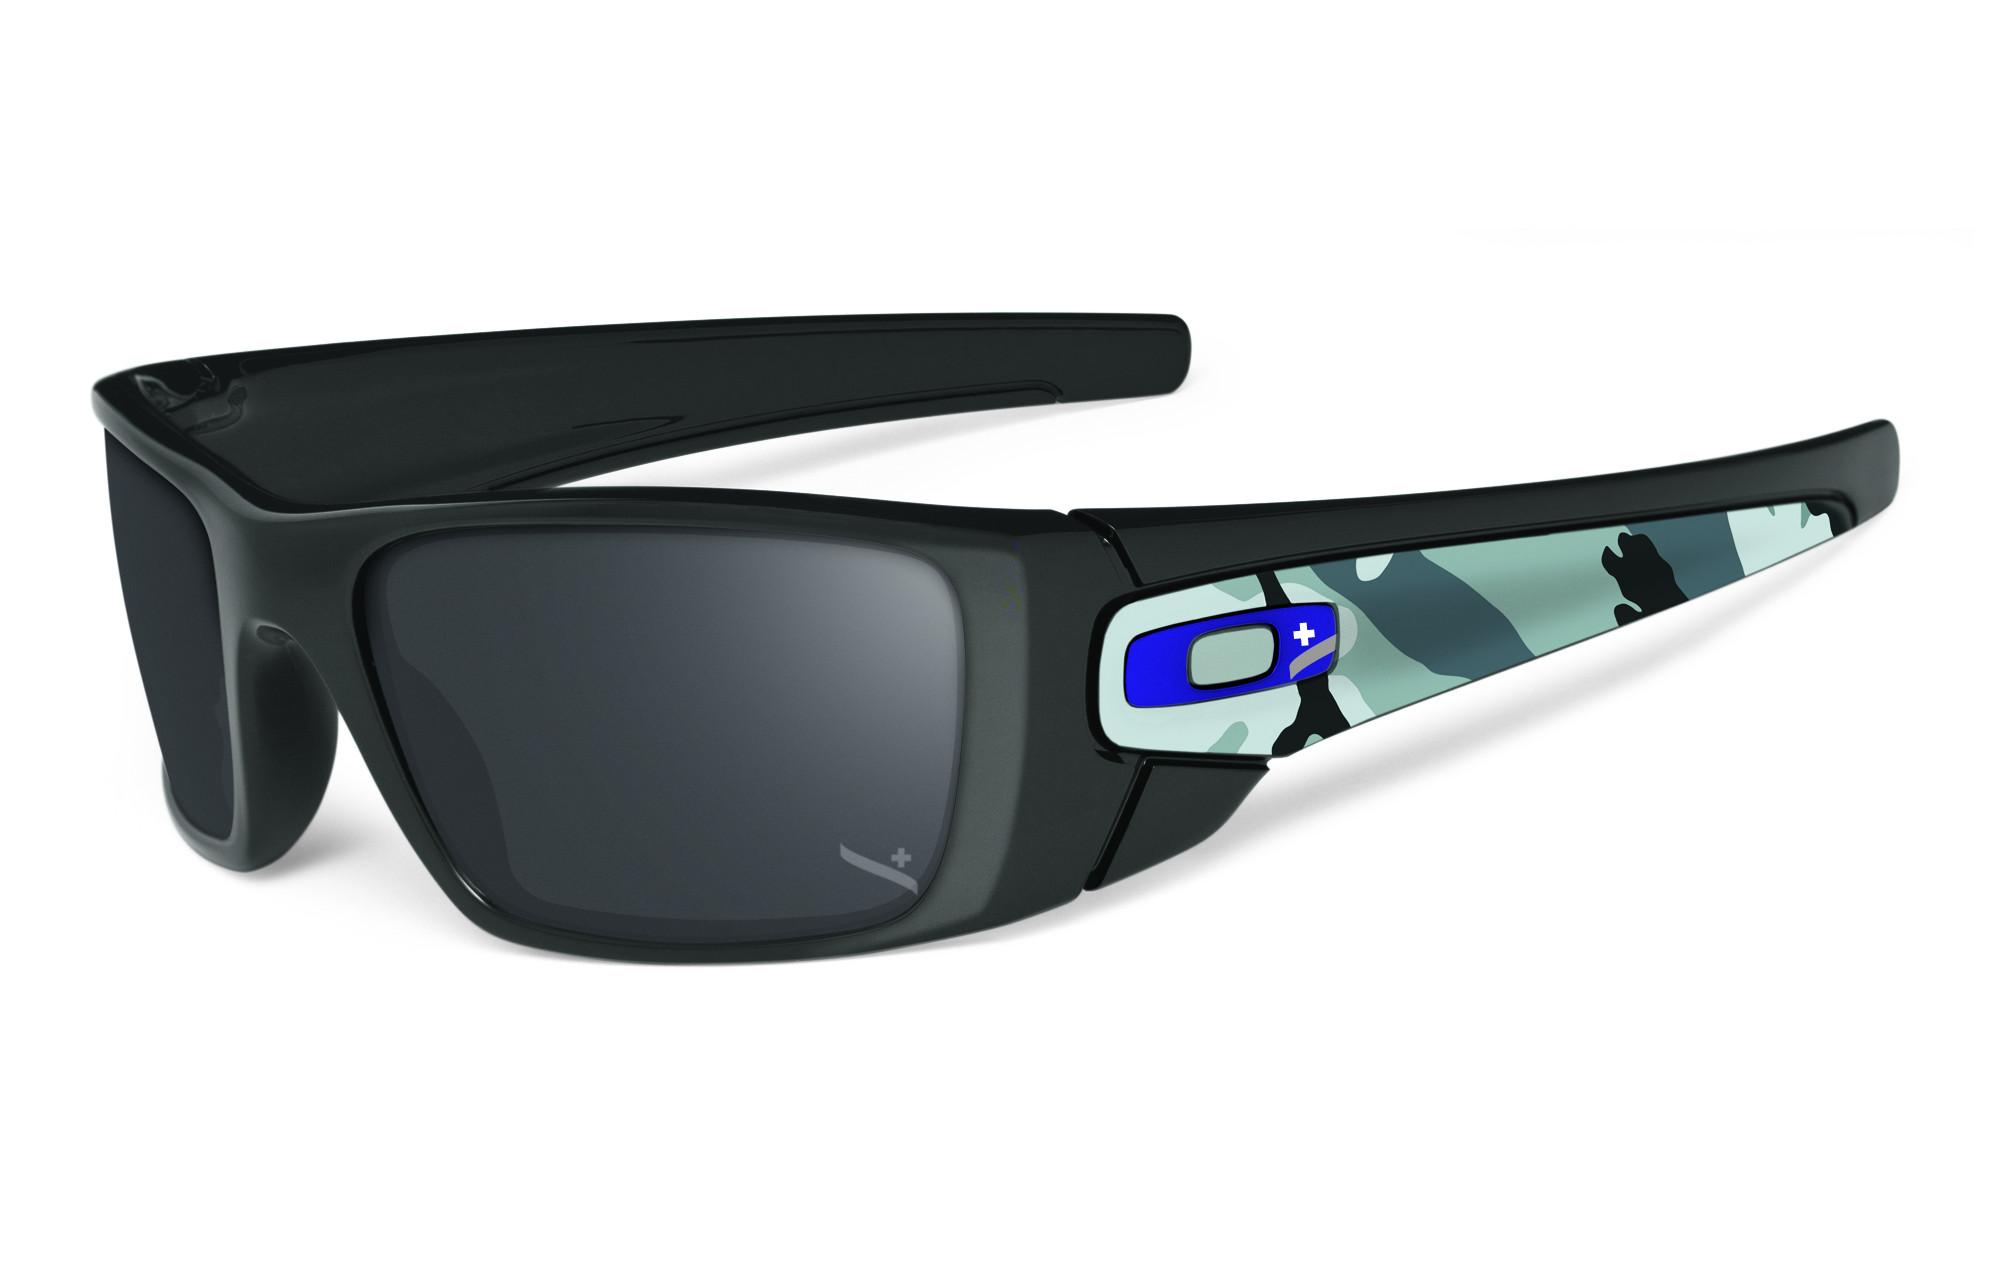 f73358258ec ... germany oakley sunglasses fuel cell carbon matte black grey ref oo9096  a6 e7b7a 30d68